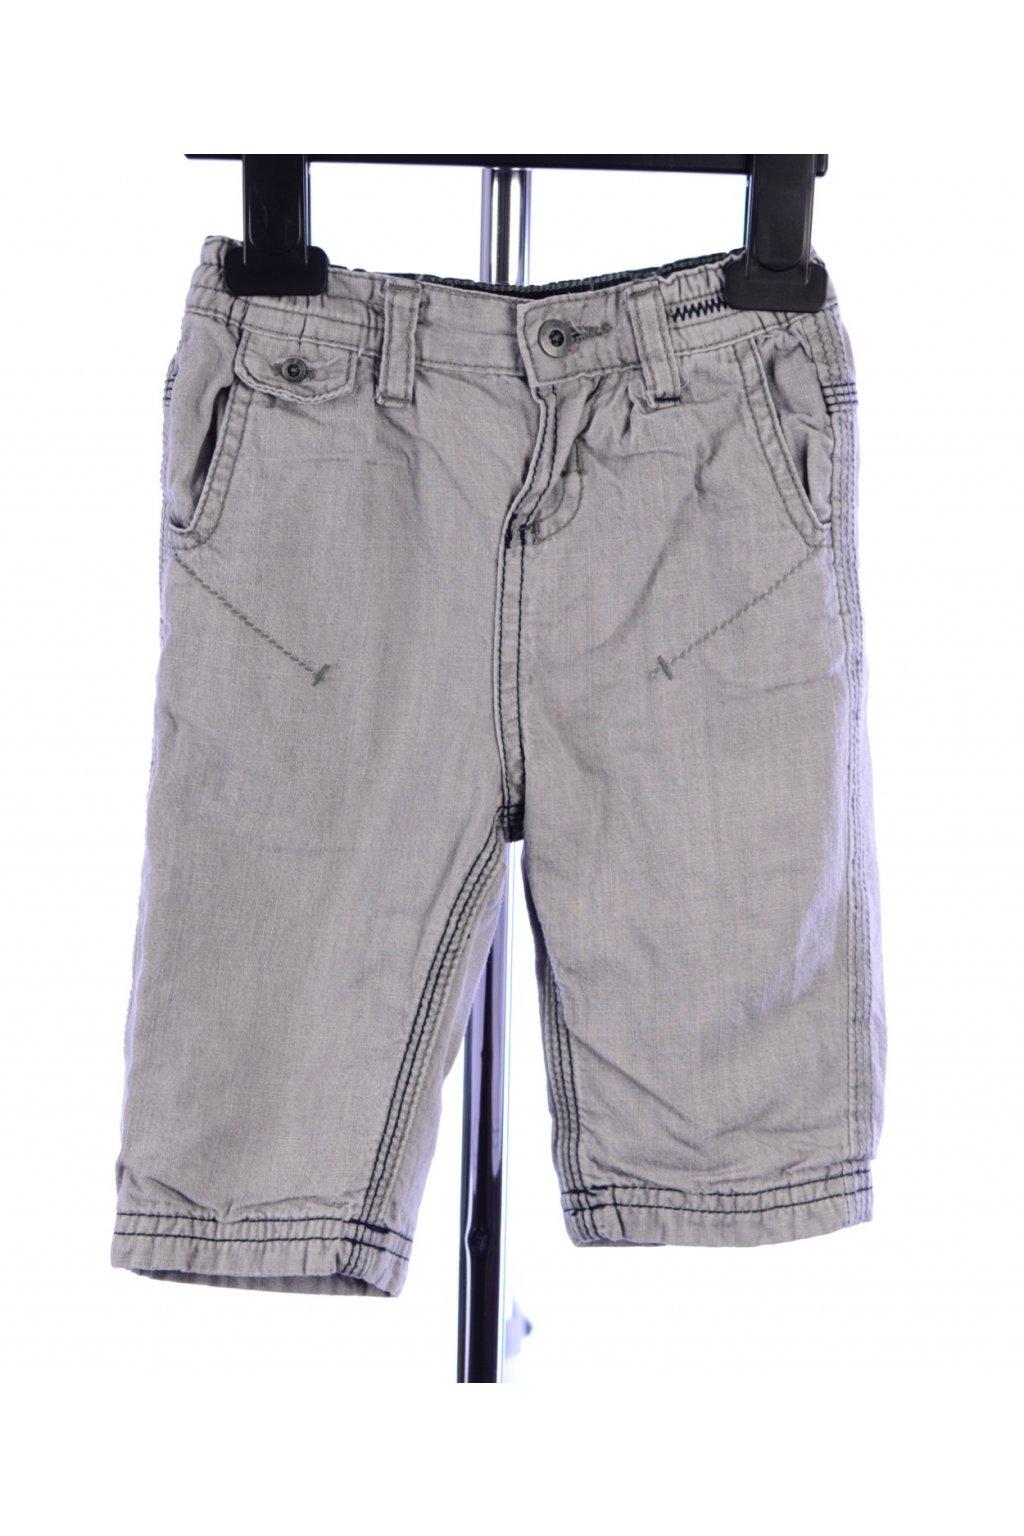 Kalhoty s podšívkou Francie vel 68 šedé